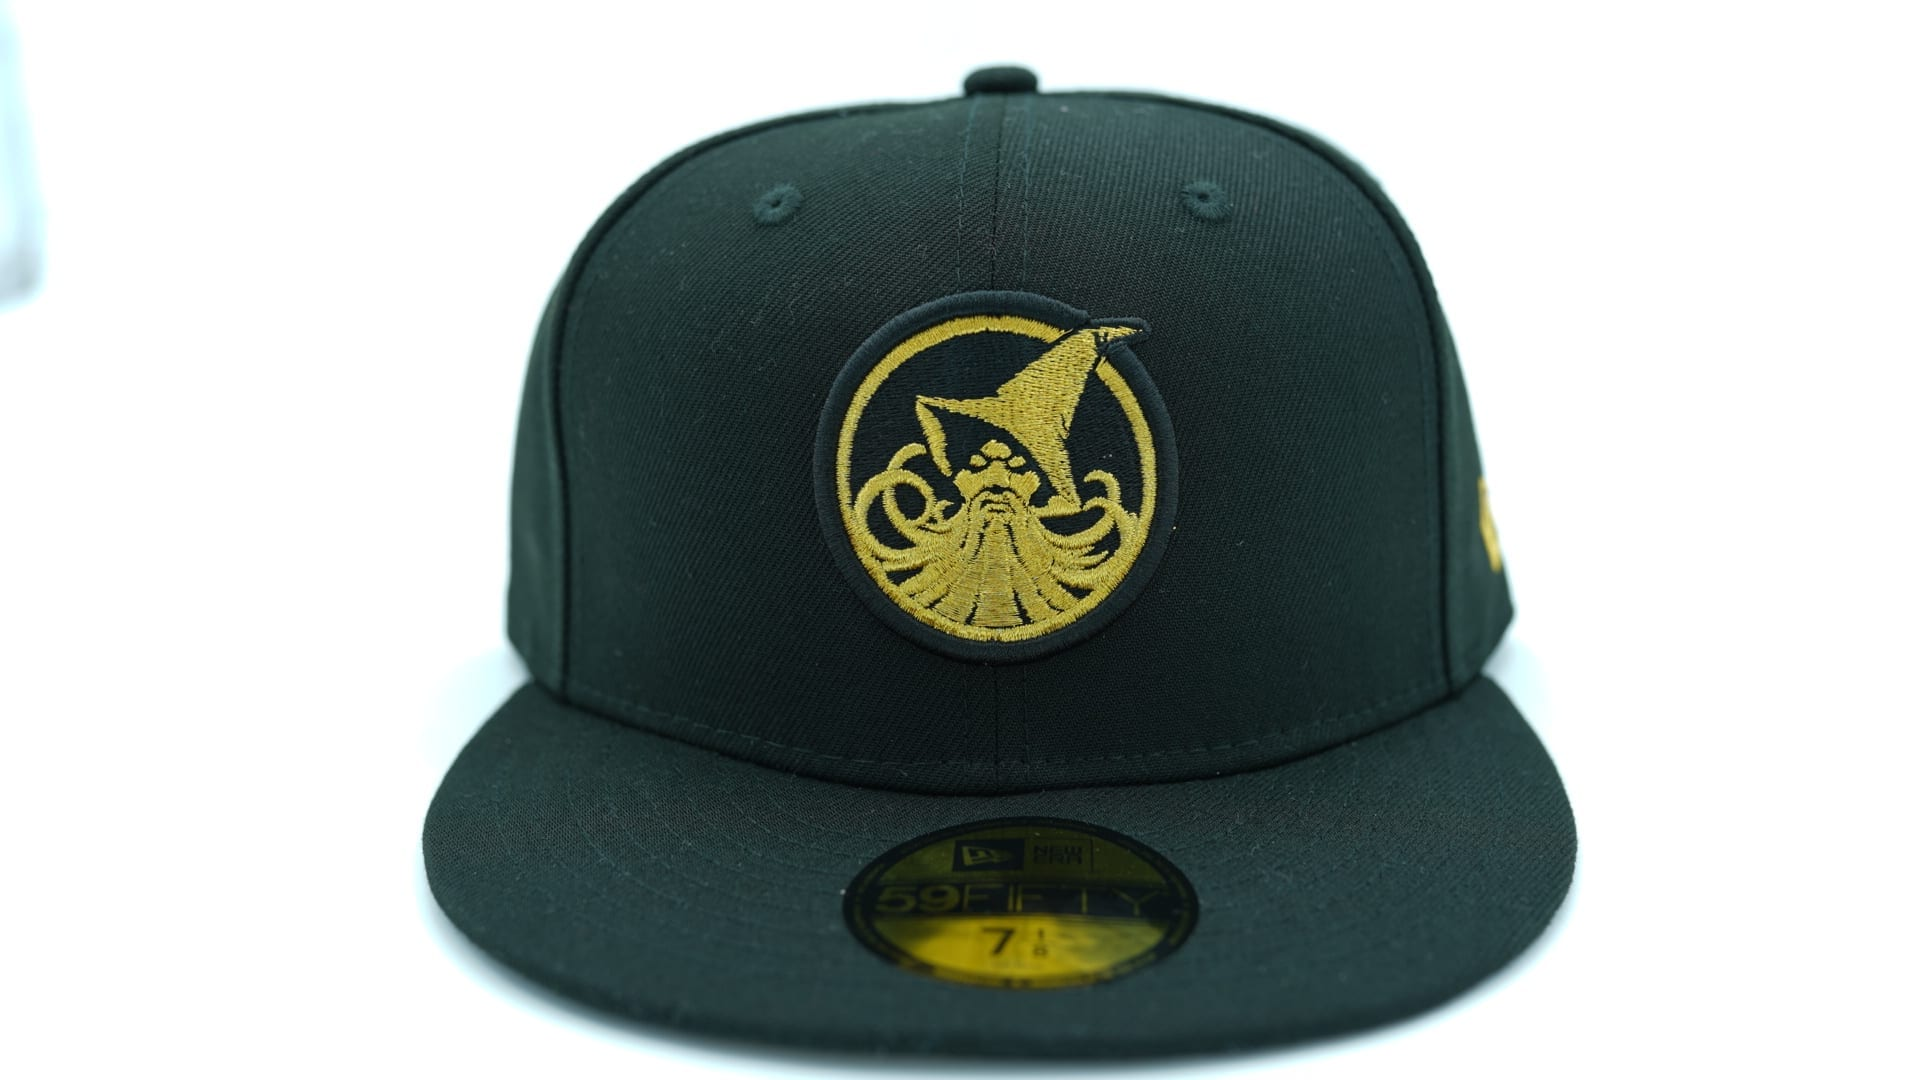 burton adl new era fitted cap